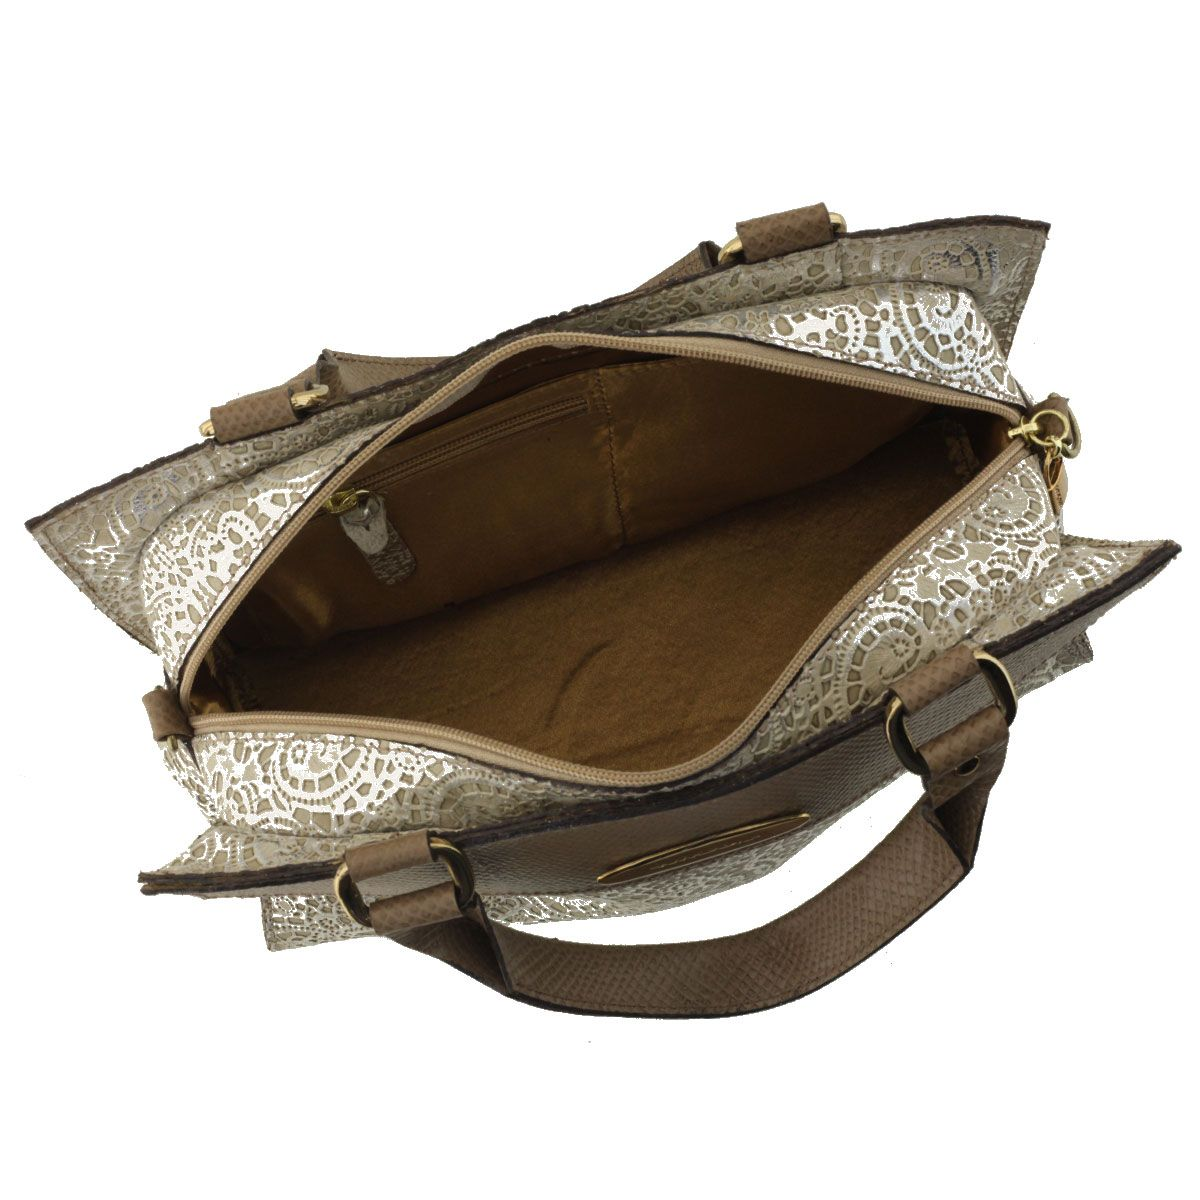 Bolsa Feminina De Couro Capodarte : Arzon bolsa couro feminina